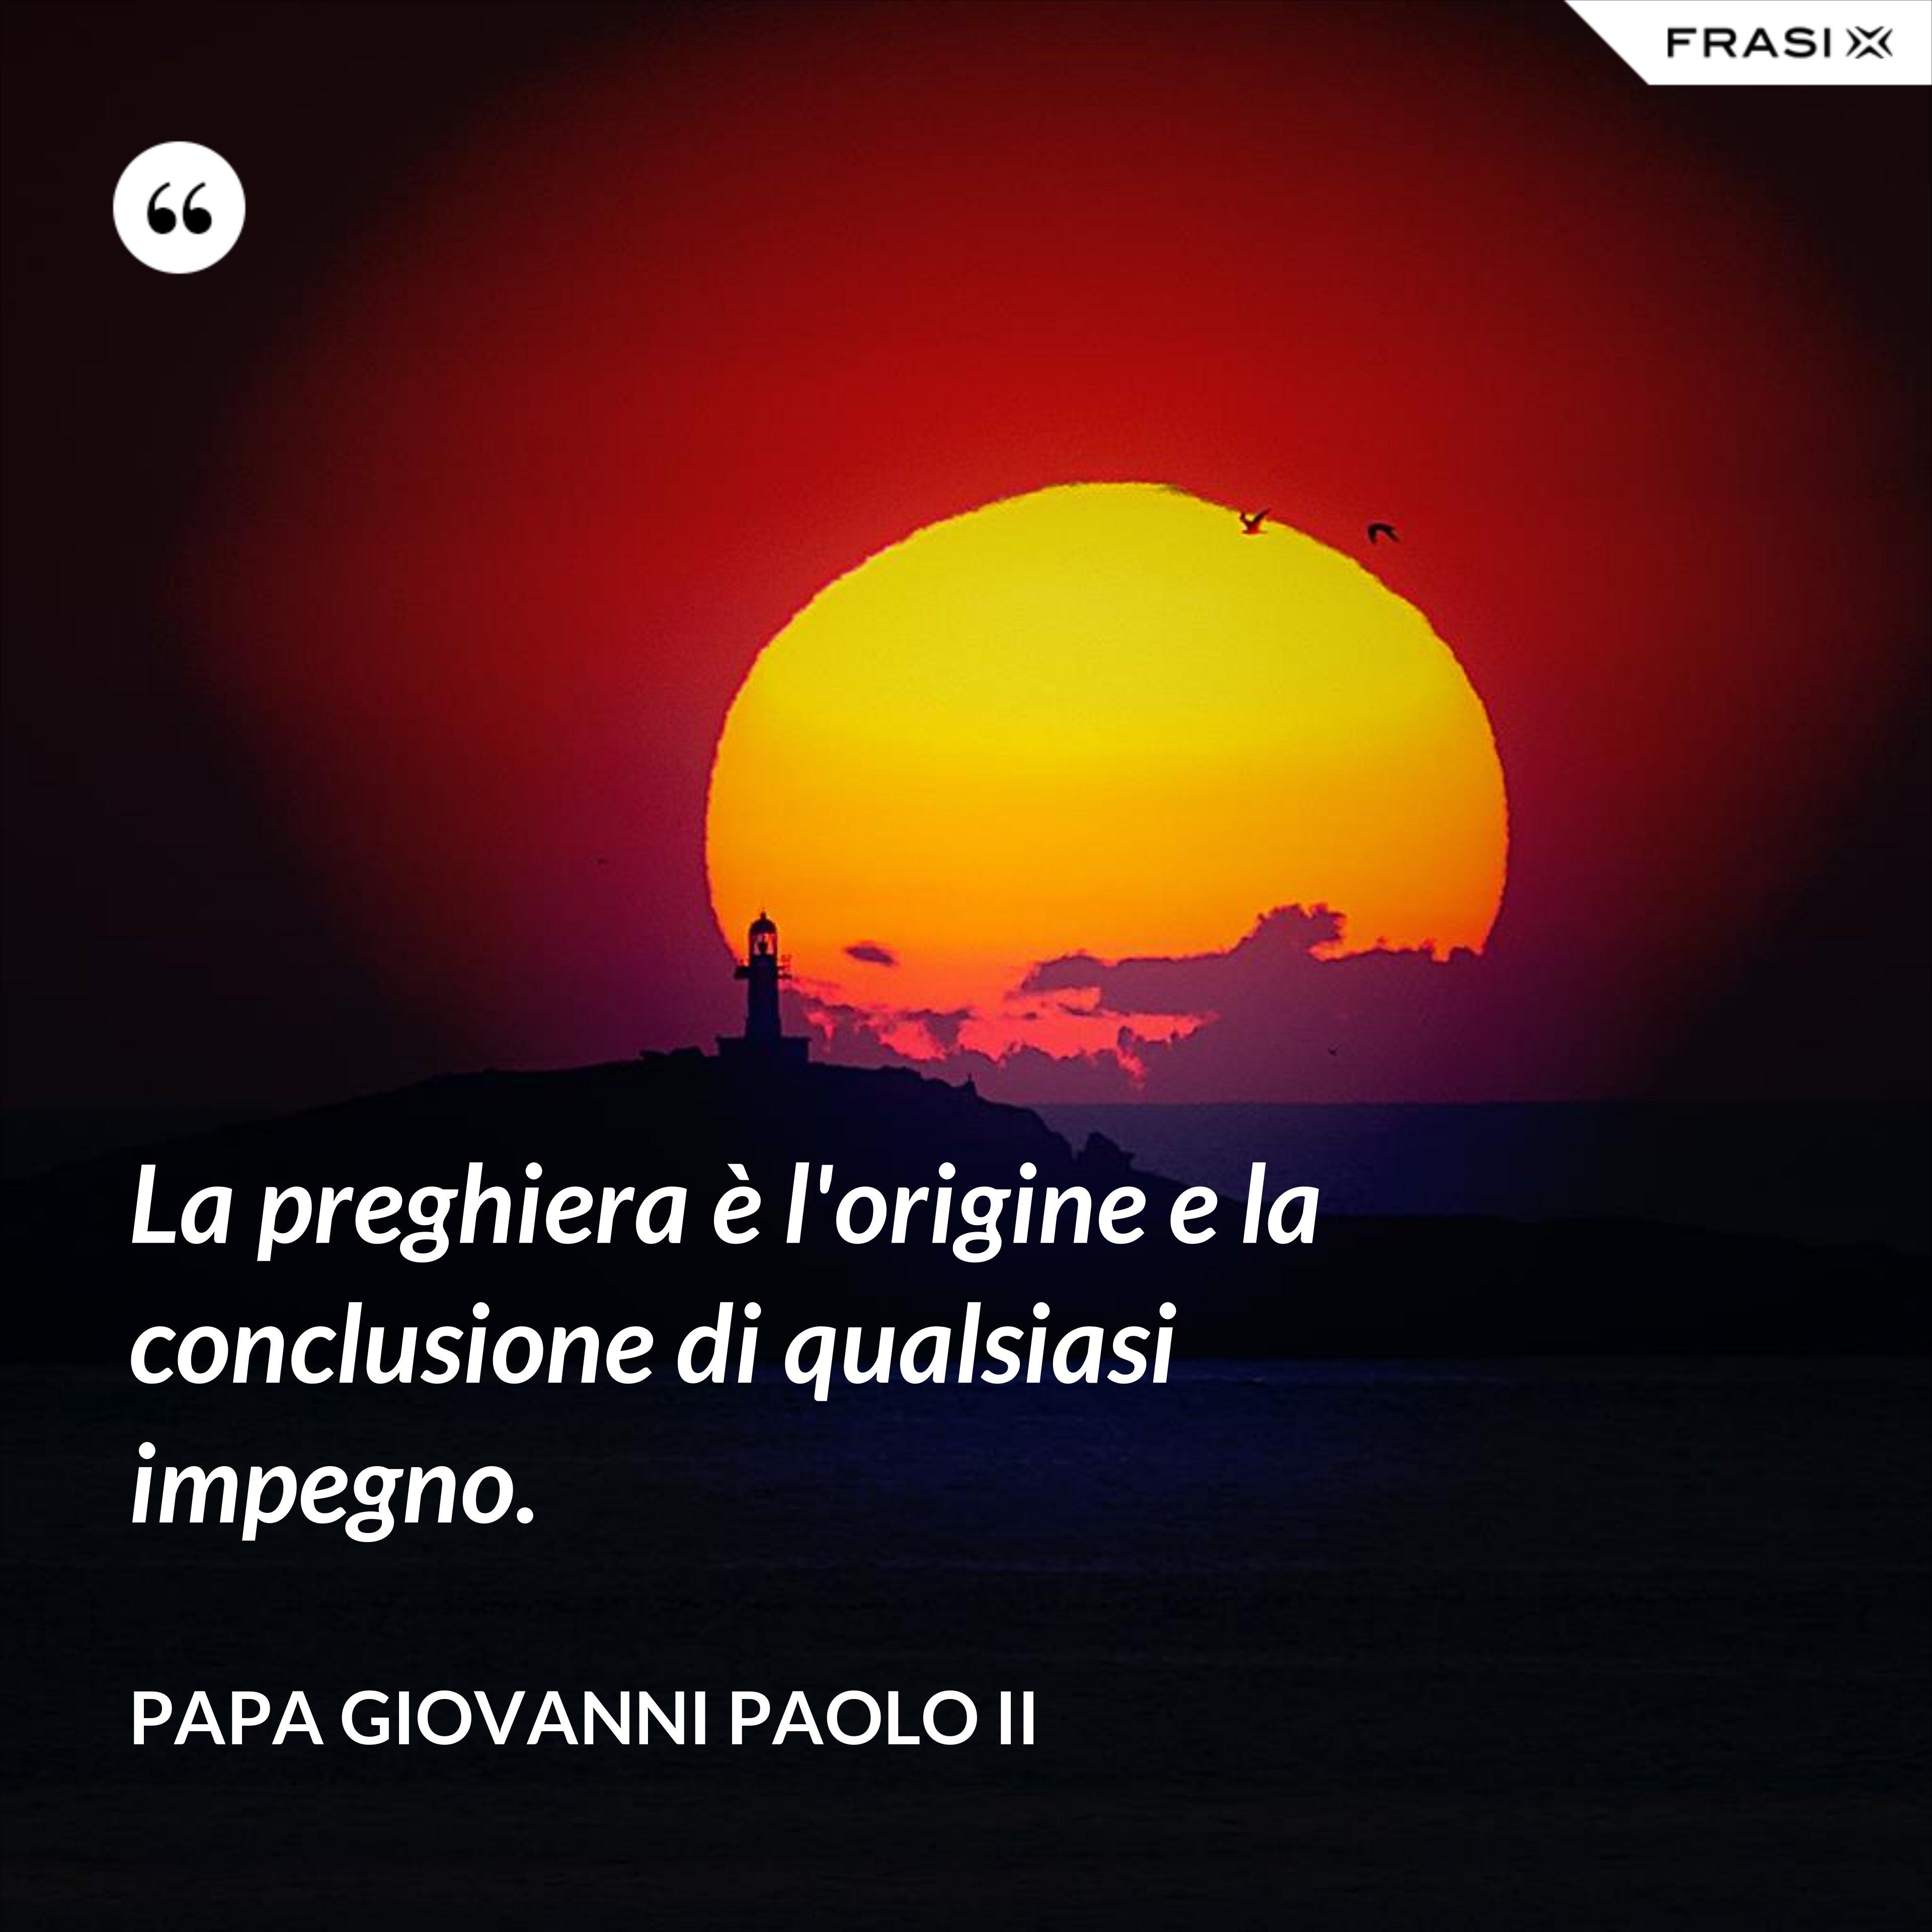 La preghiera è l'origine e la conclusione di qualsiasi impegno. - Papa Giovanni Paolo II